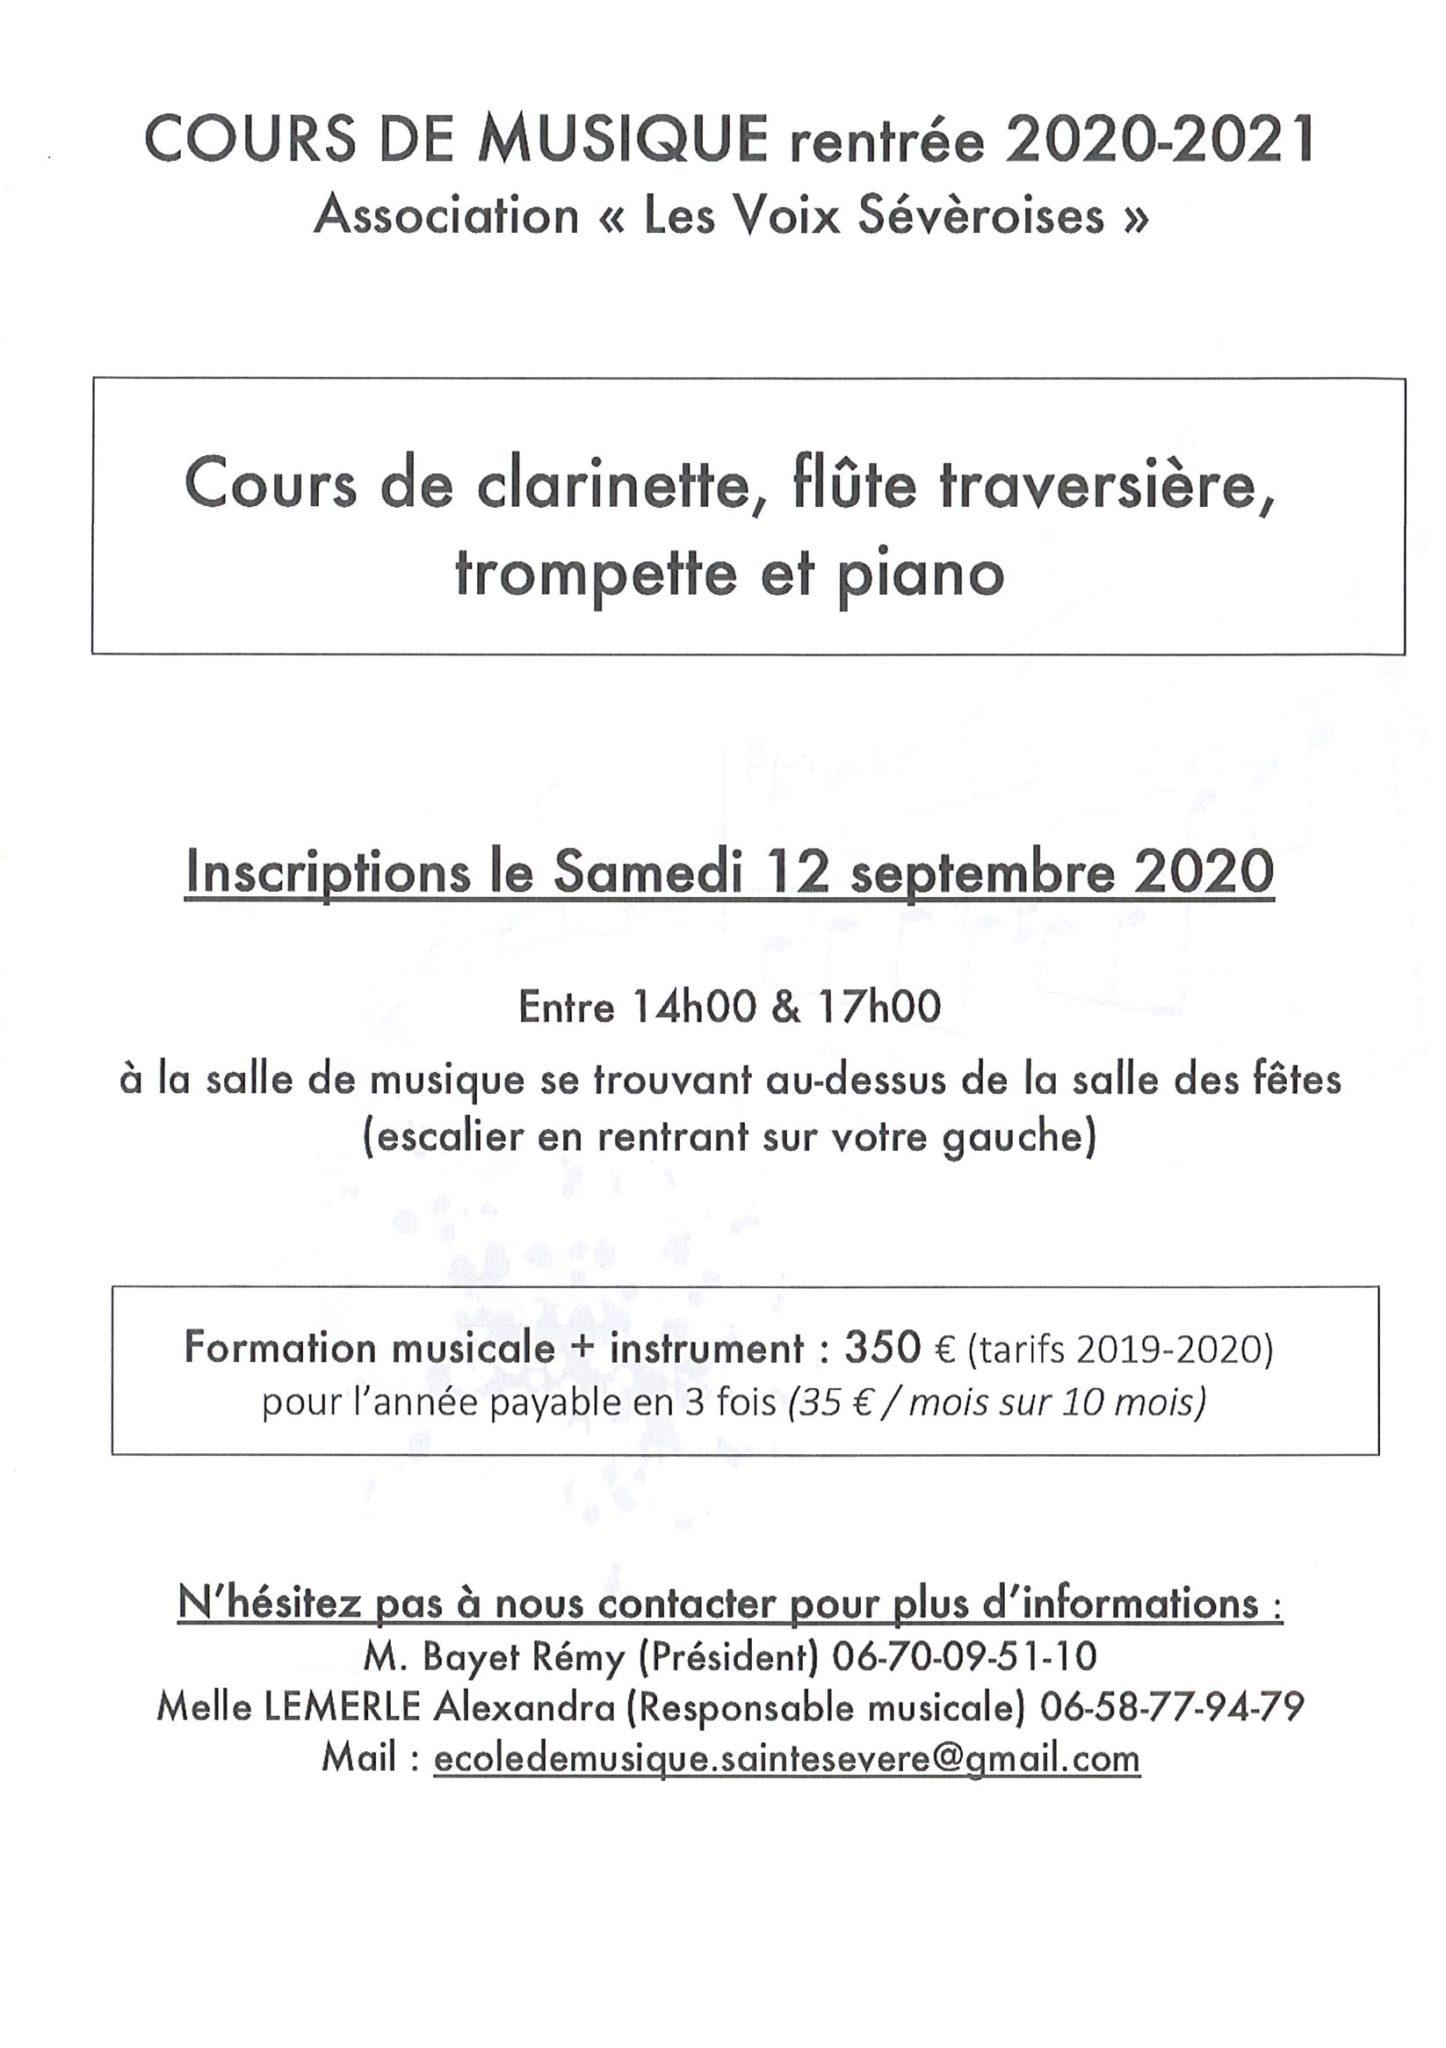 Cours de musique rentrée 2020/2021